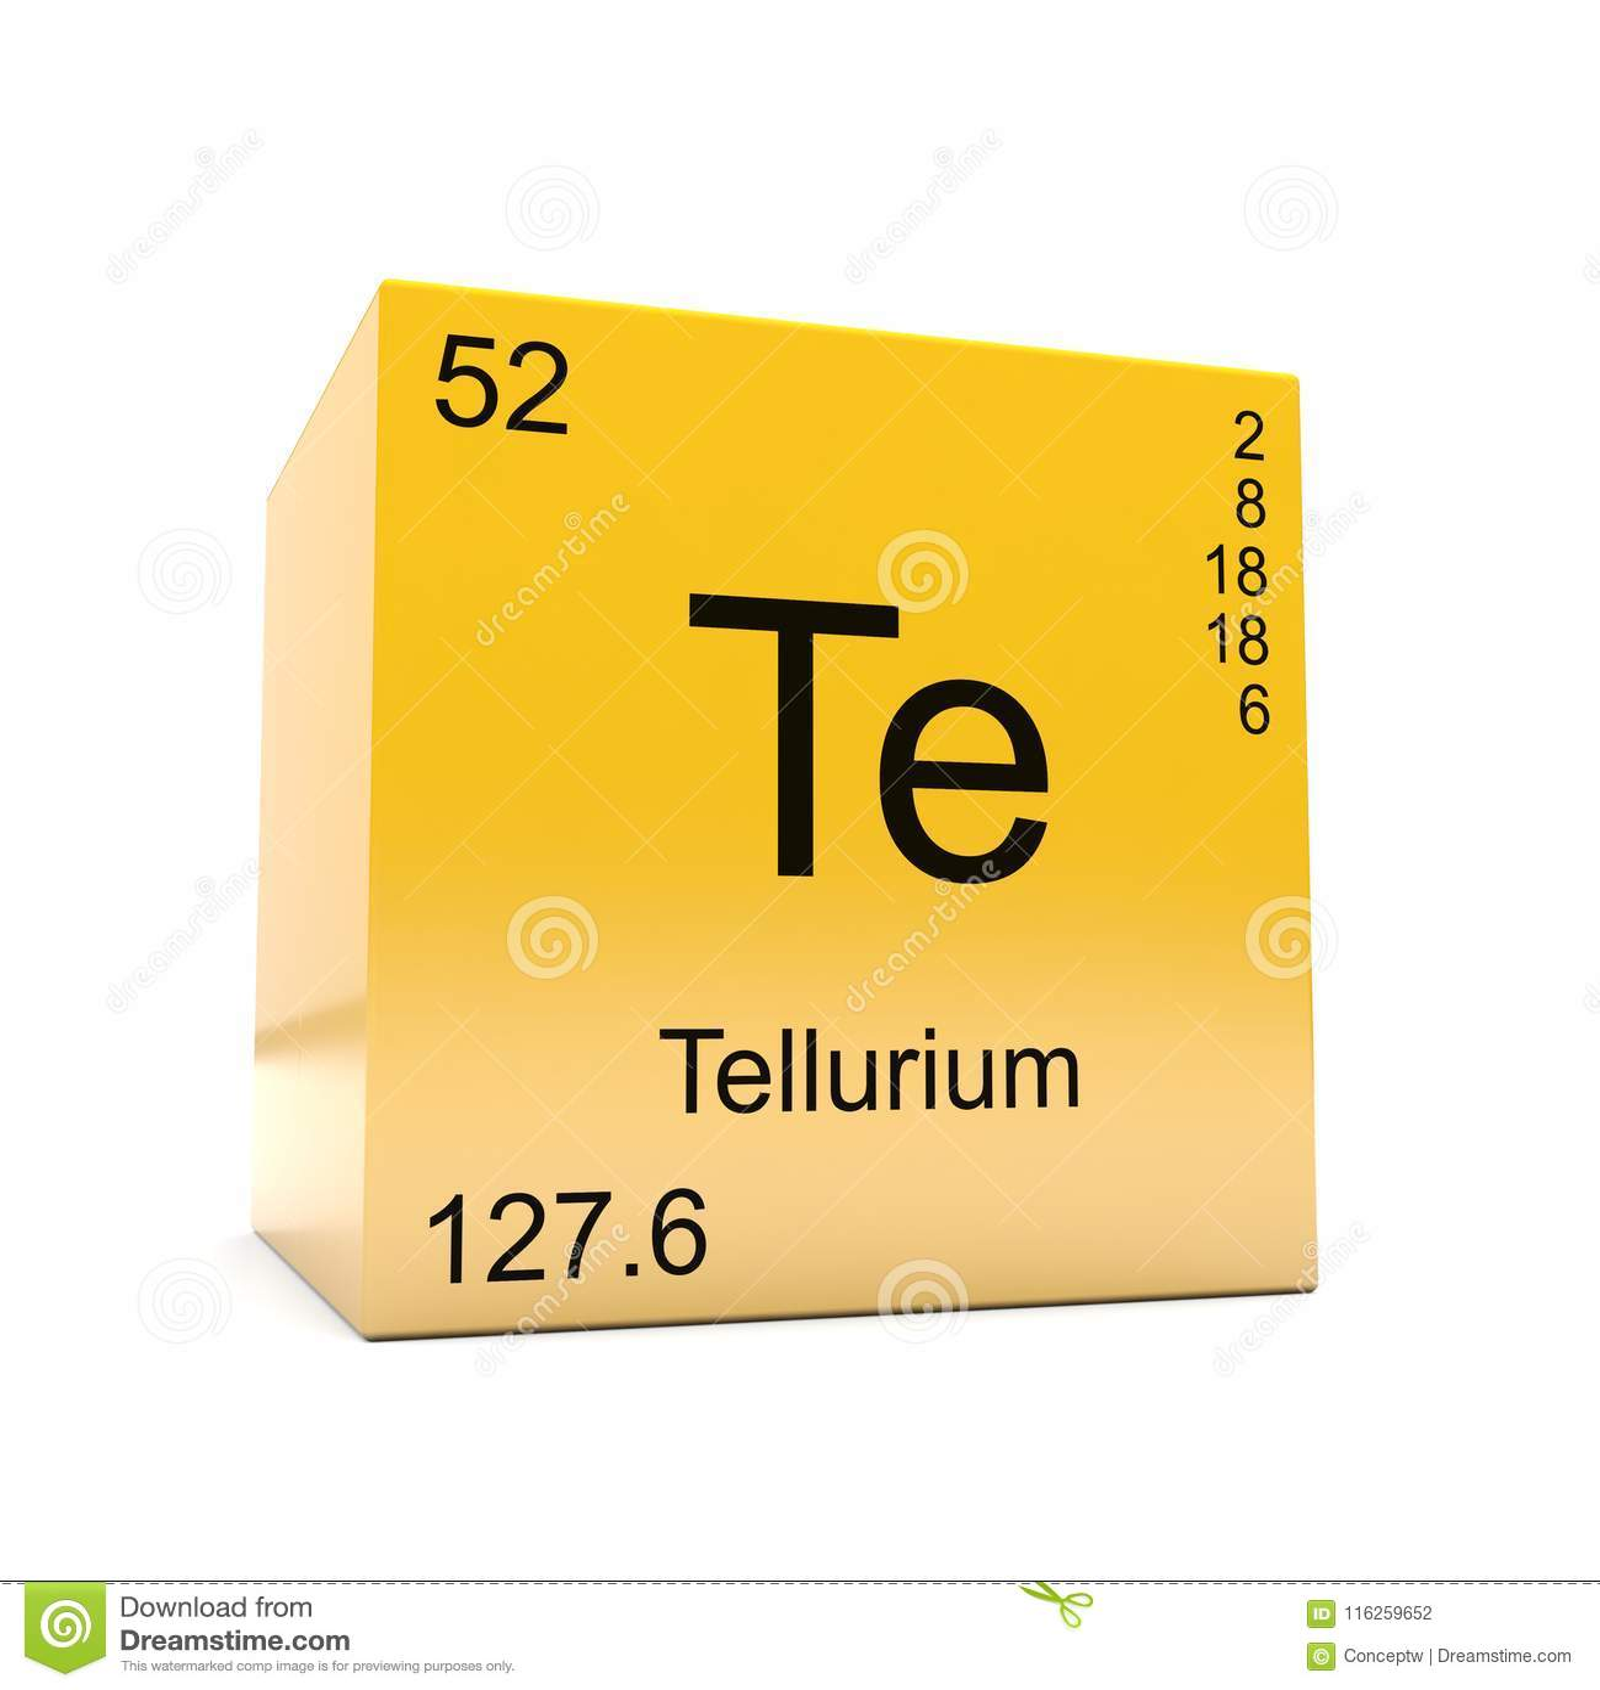 Smbolo del elemento qumico del telurio de la tabla peridica stock download smbolo del elemento qumico del telurio de la tabla peridica stock de ilustracin ilustracin urtaz Gallery